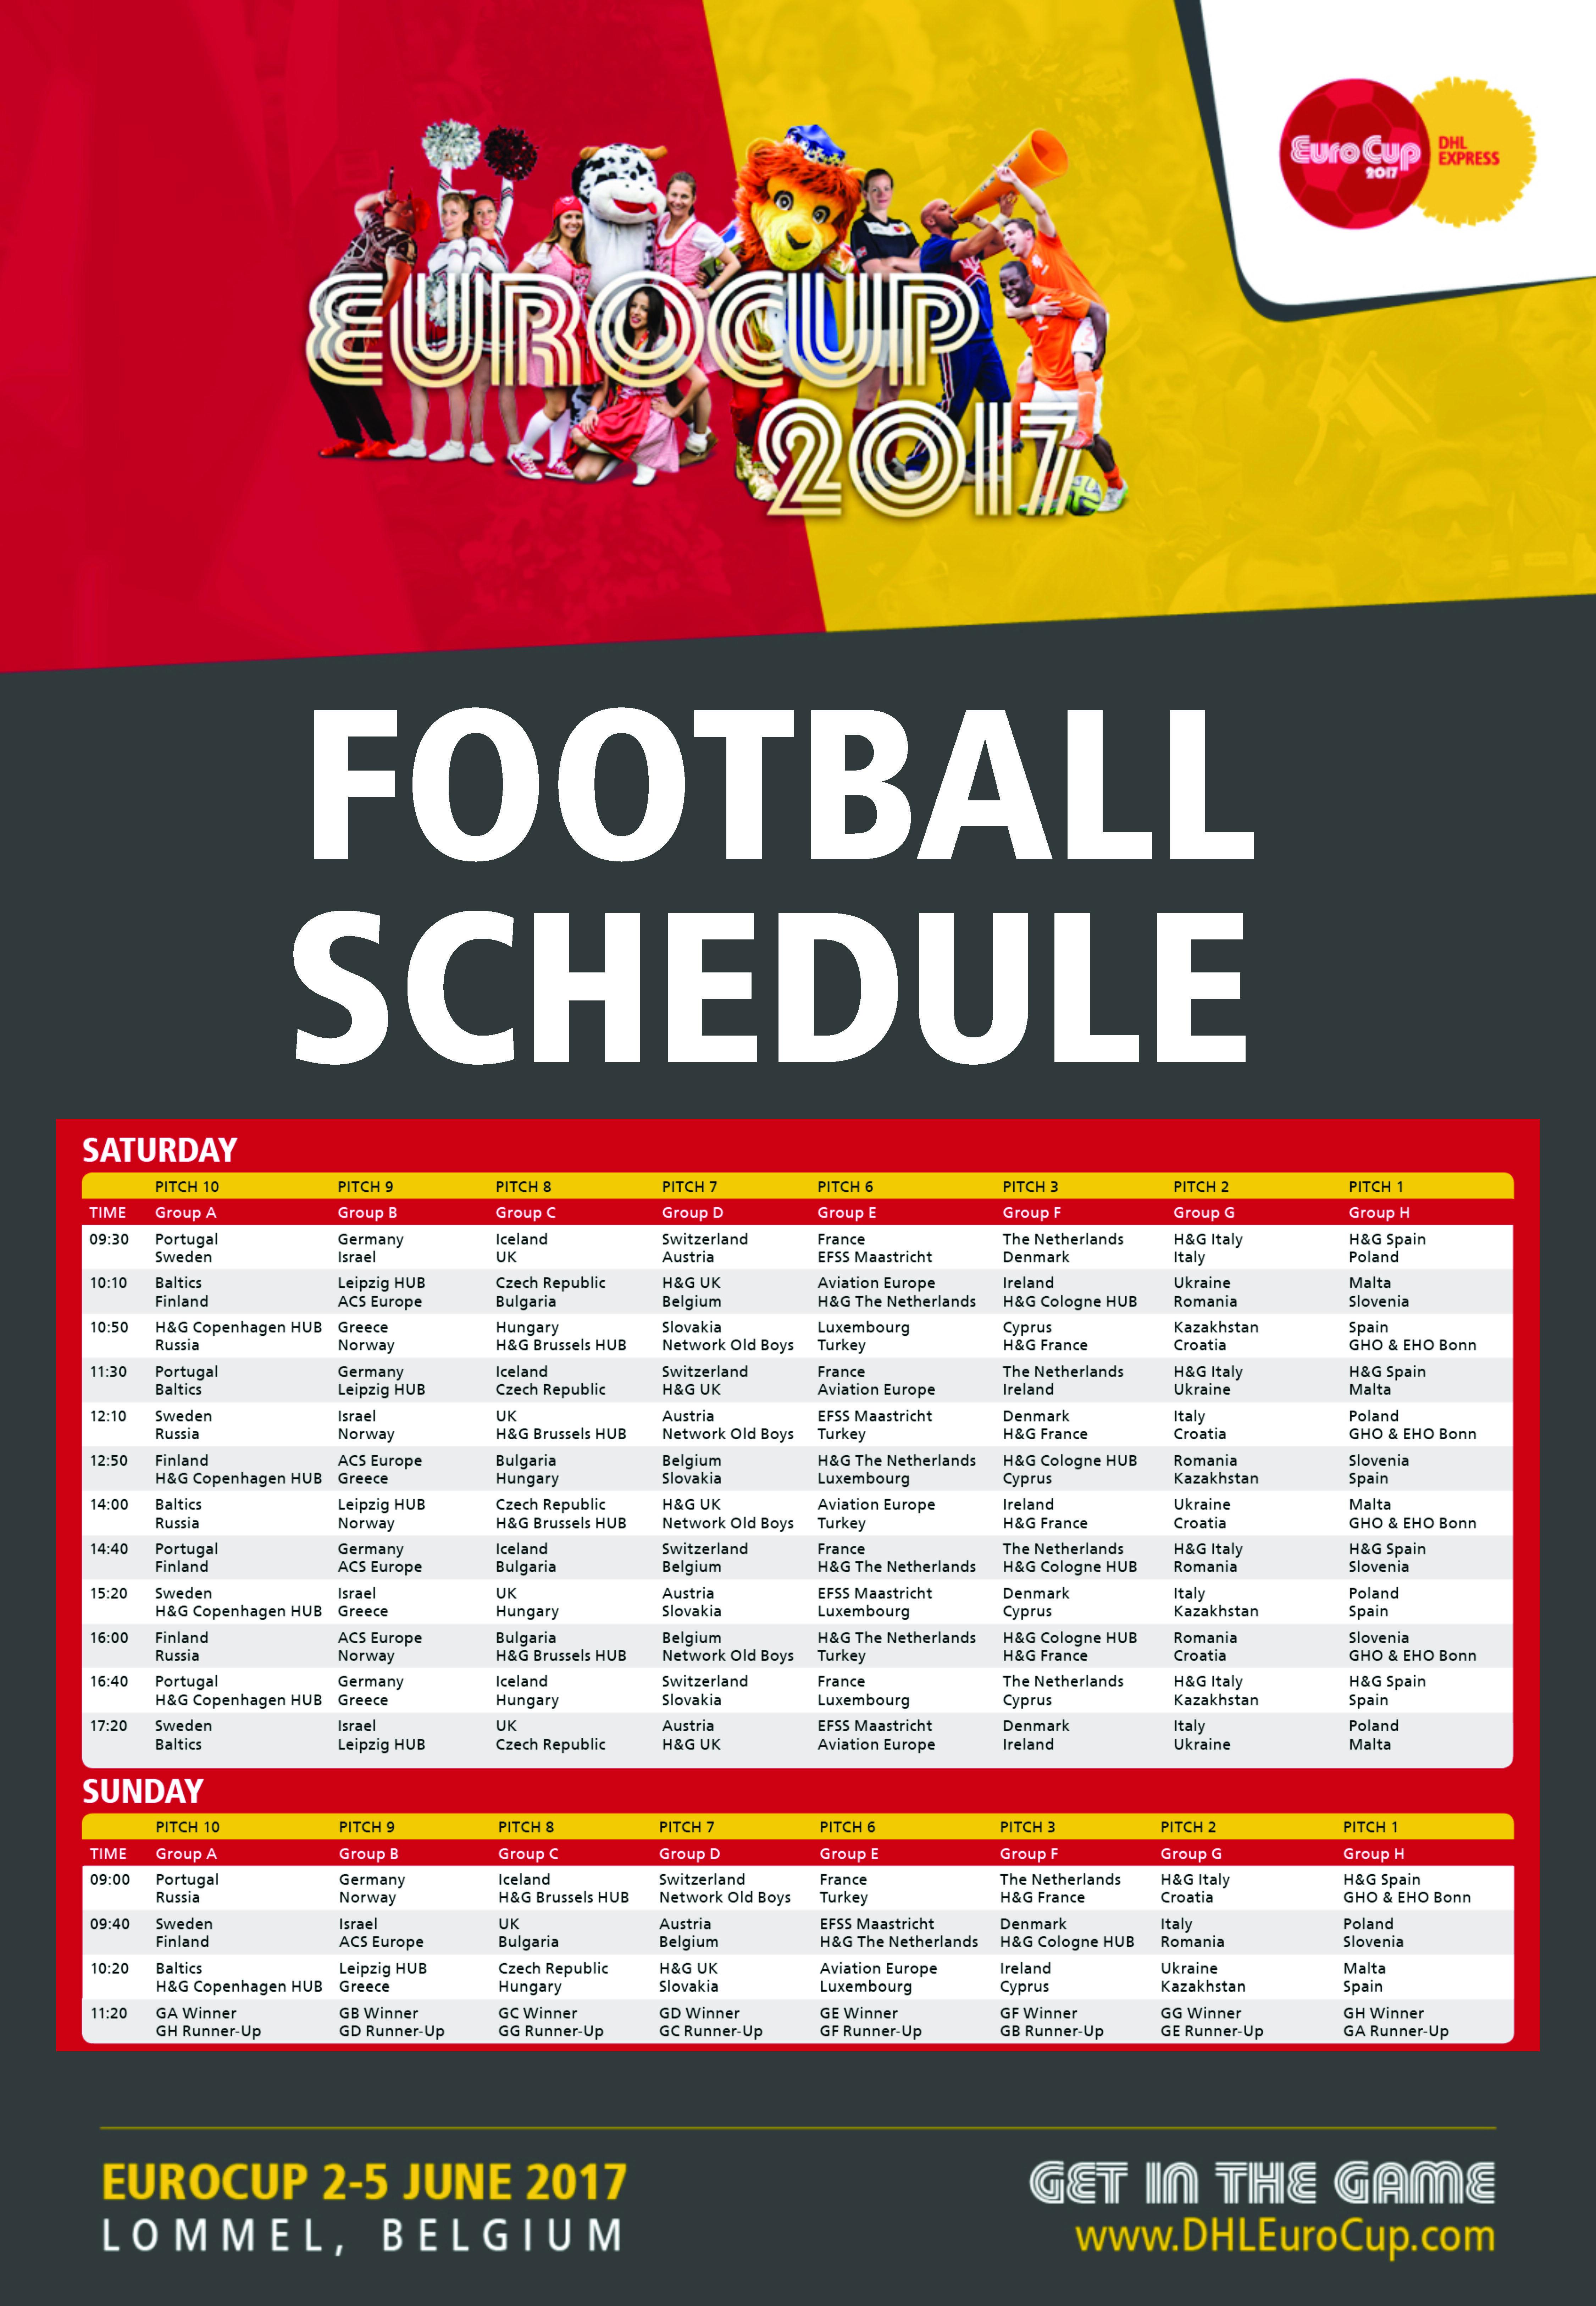 EuroCup 2017 Football Schedule